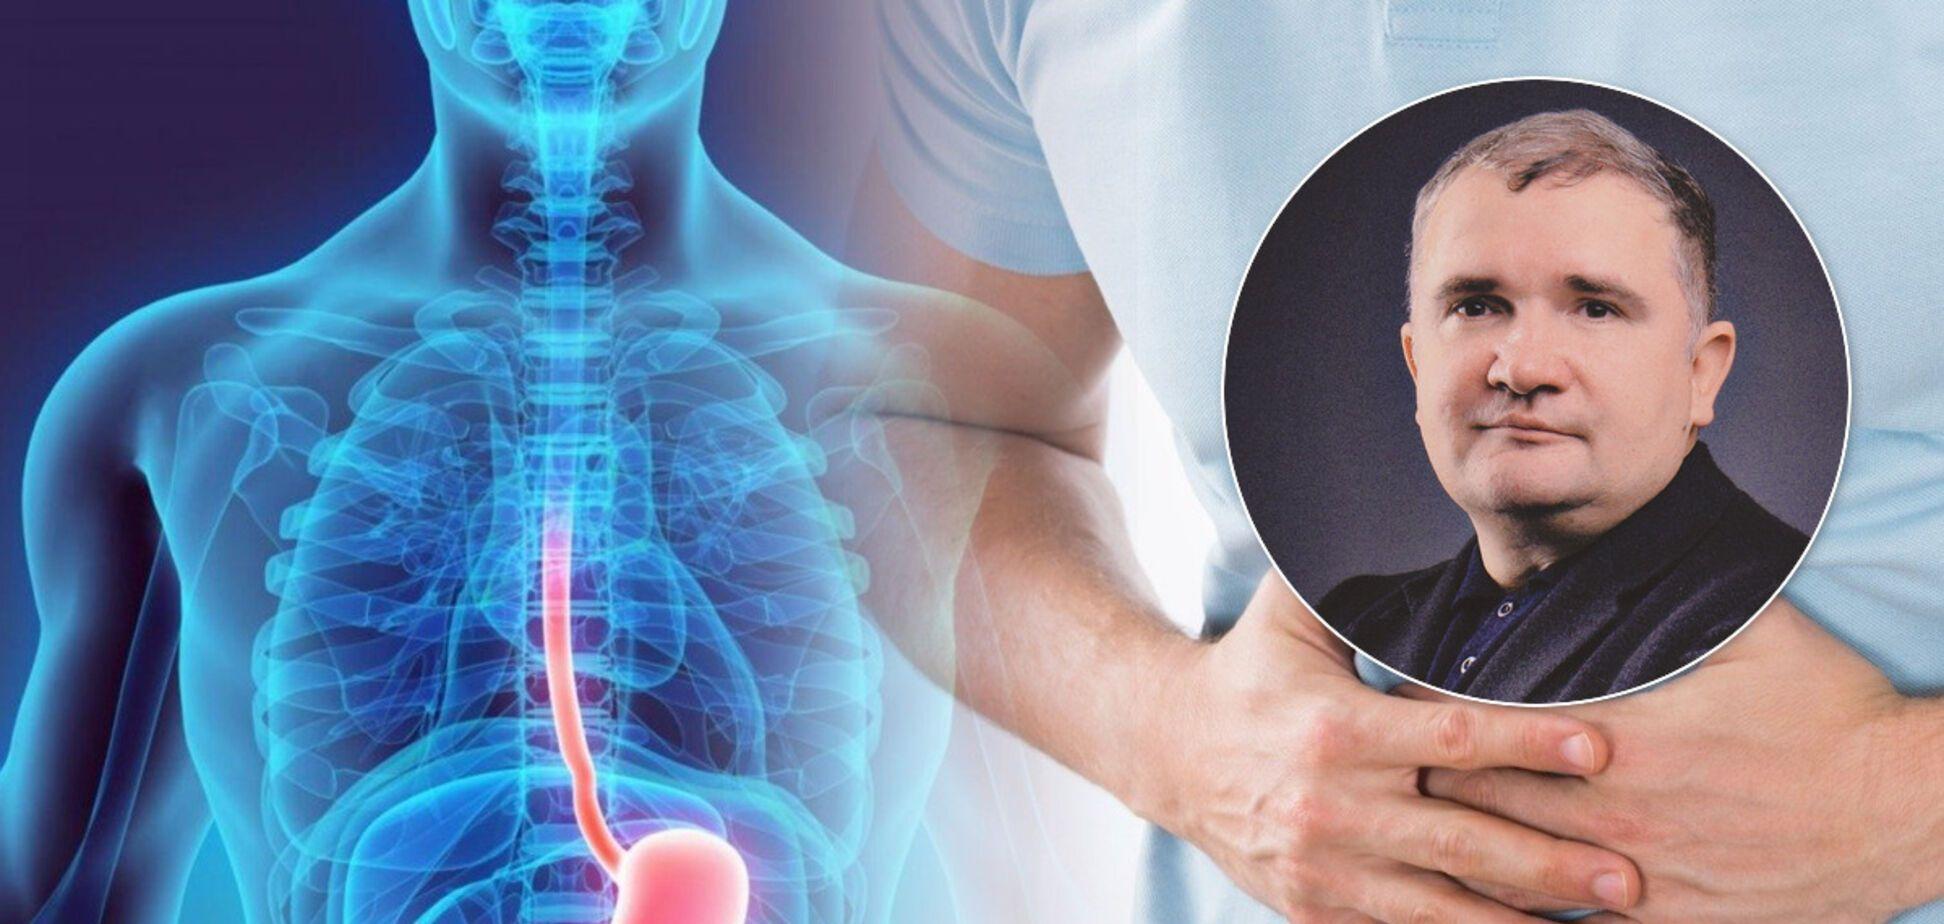 Страждає кожен третій: гастроентеролог - про причини і лікування СПК